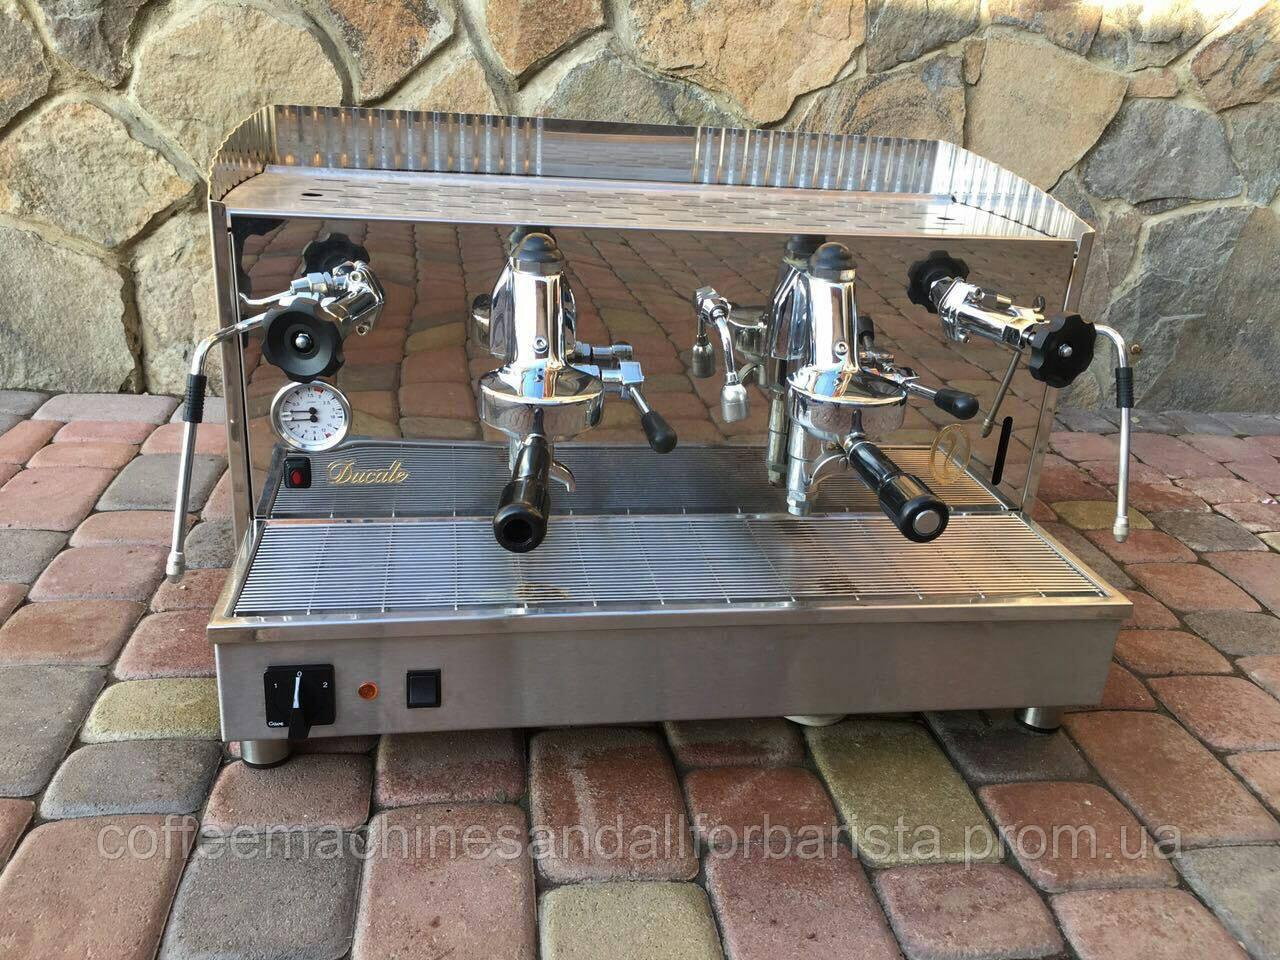 Кофемашина Fiorenzato Ducale